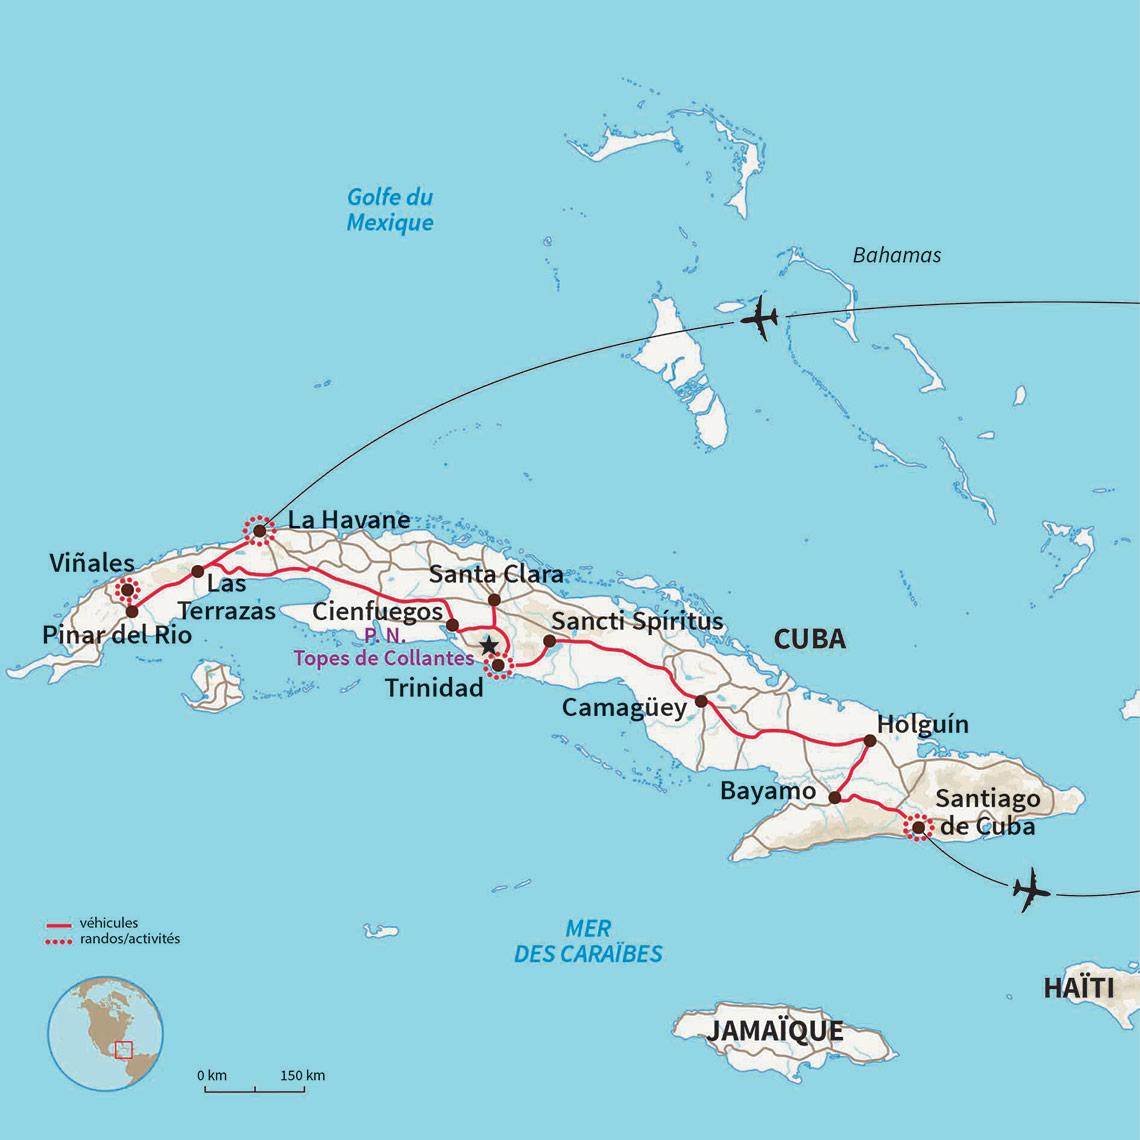 Havane Santiago CultureFidel Aventure Autotour À La Nomade Cuba BxeodC